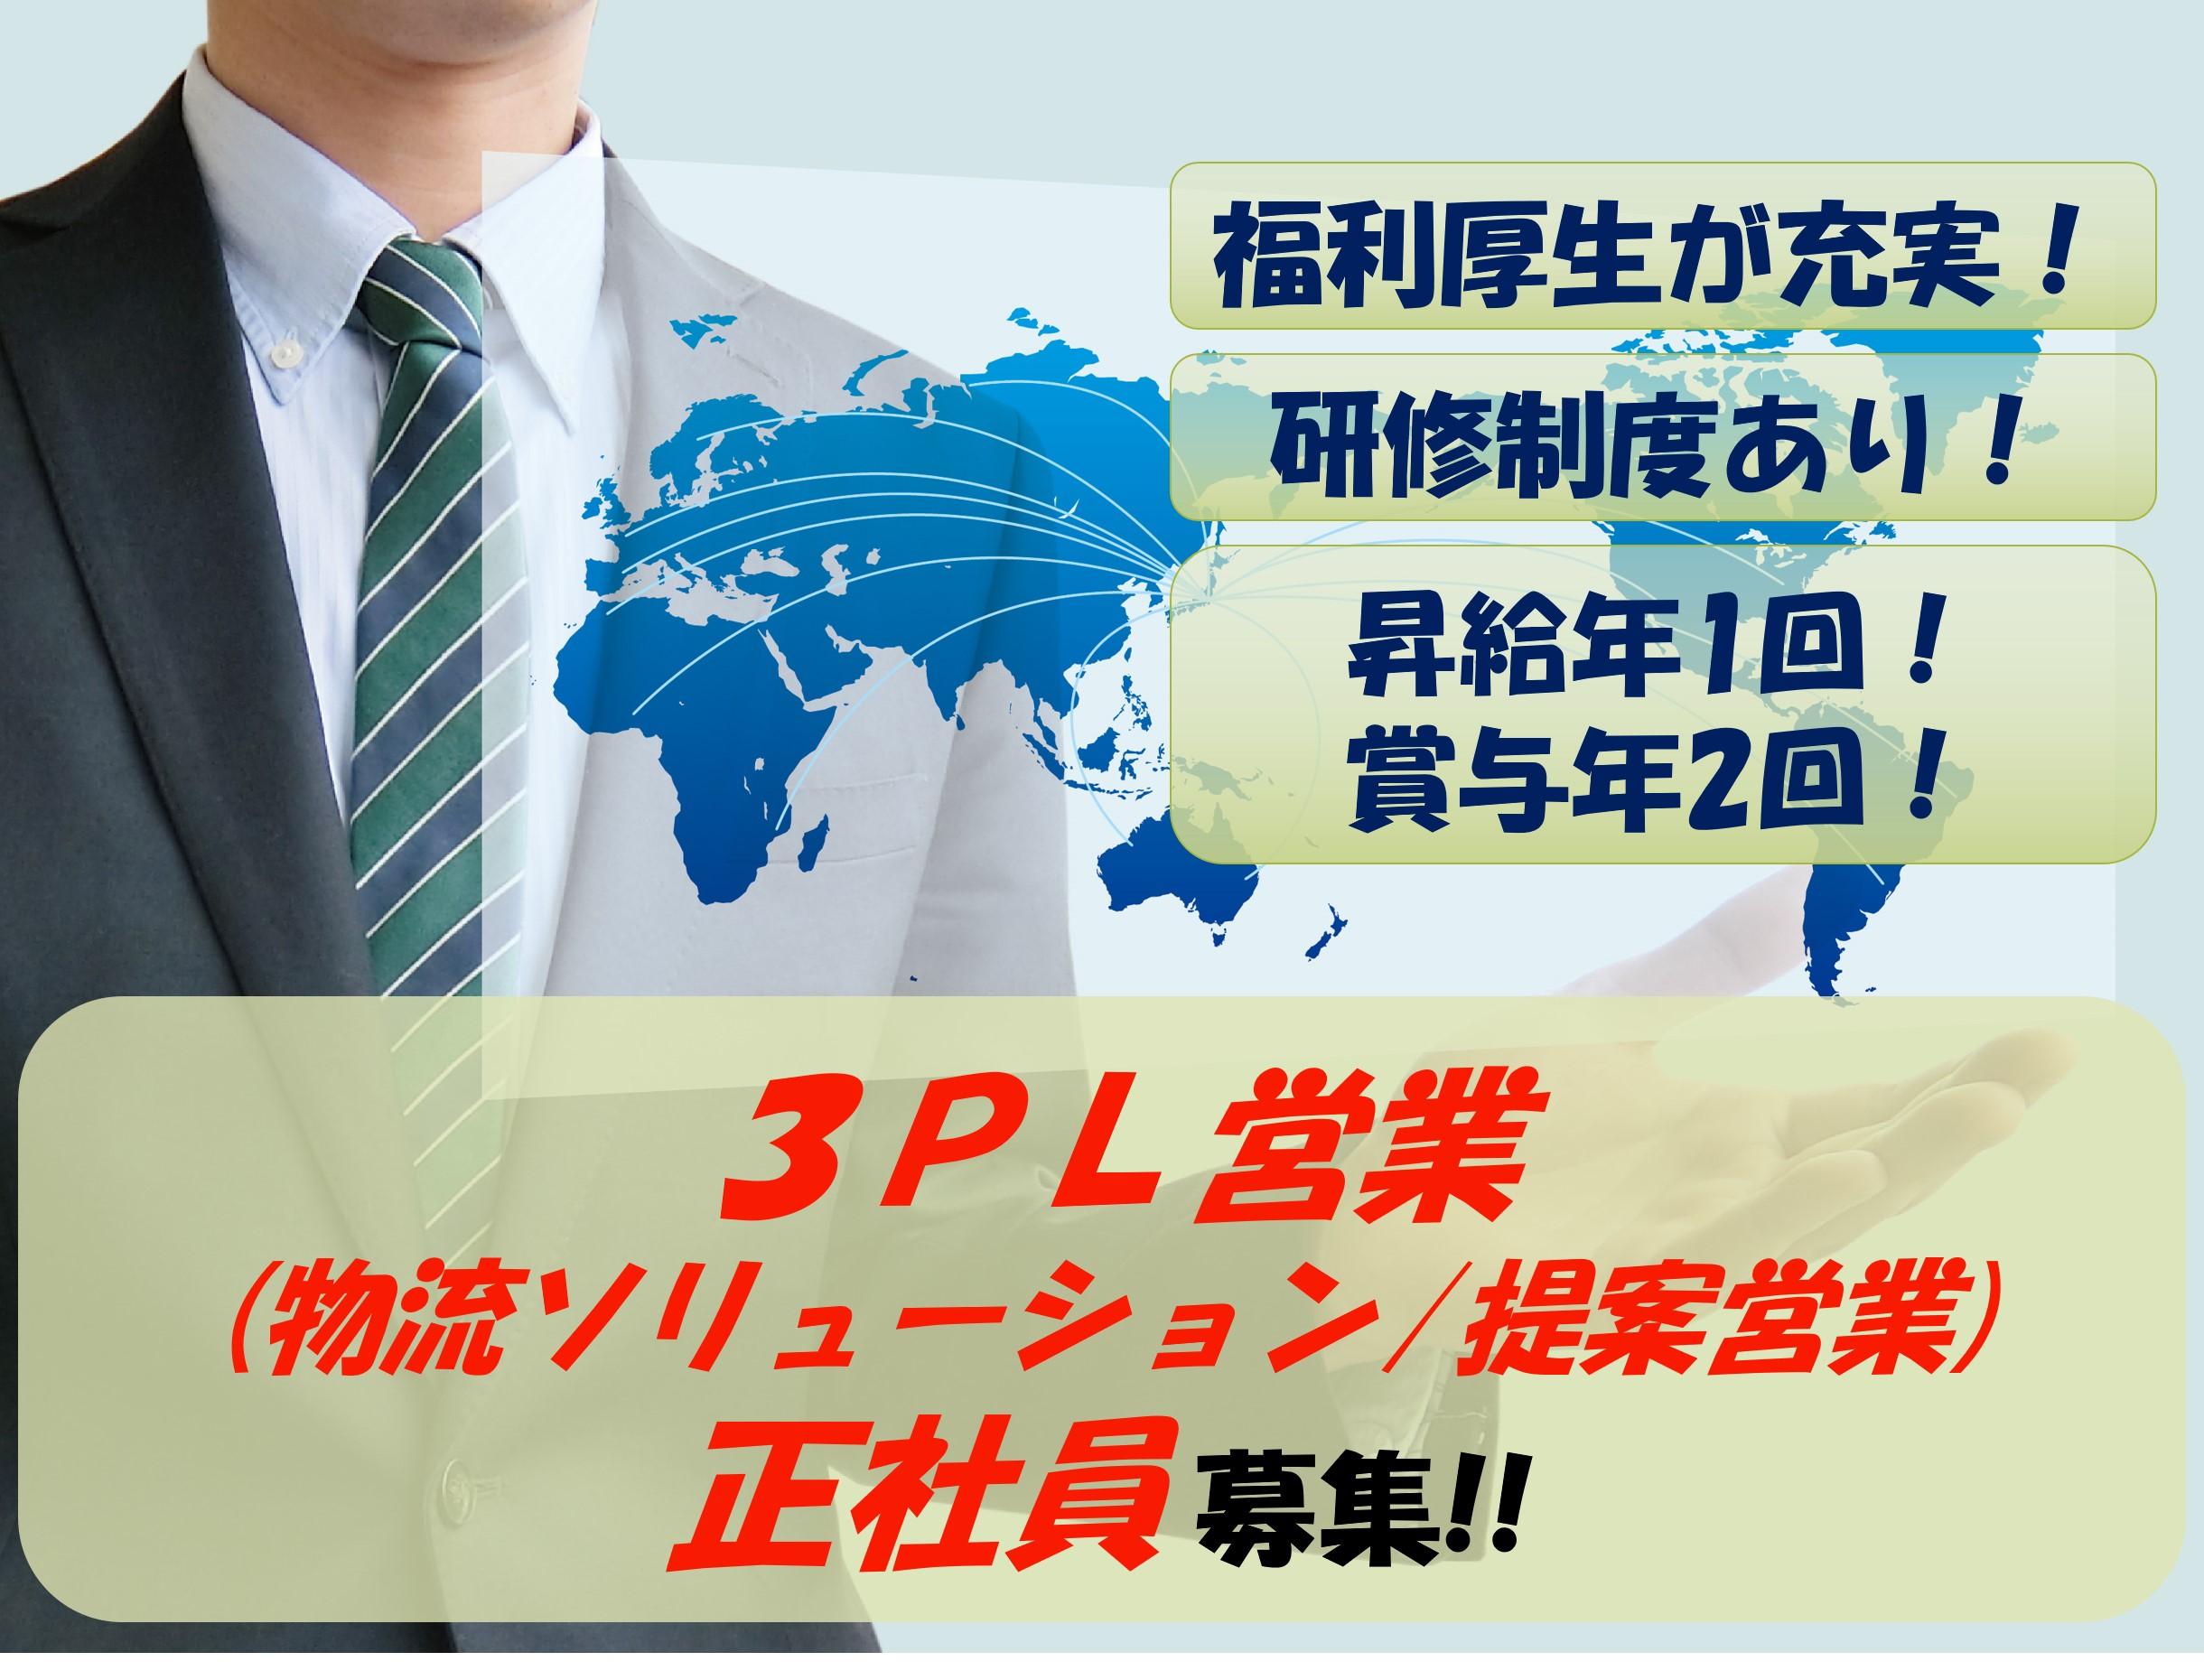 【急募】土日祝休み!昇給年1回賞与年2回!総合物流会社での3PL営業職 イメージ